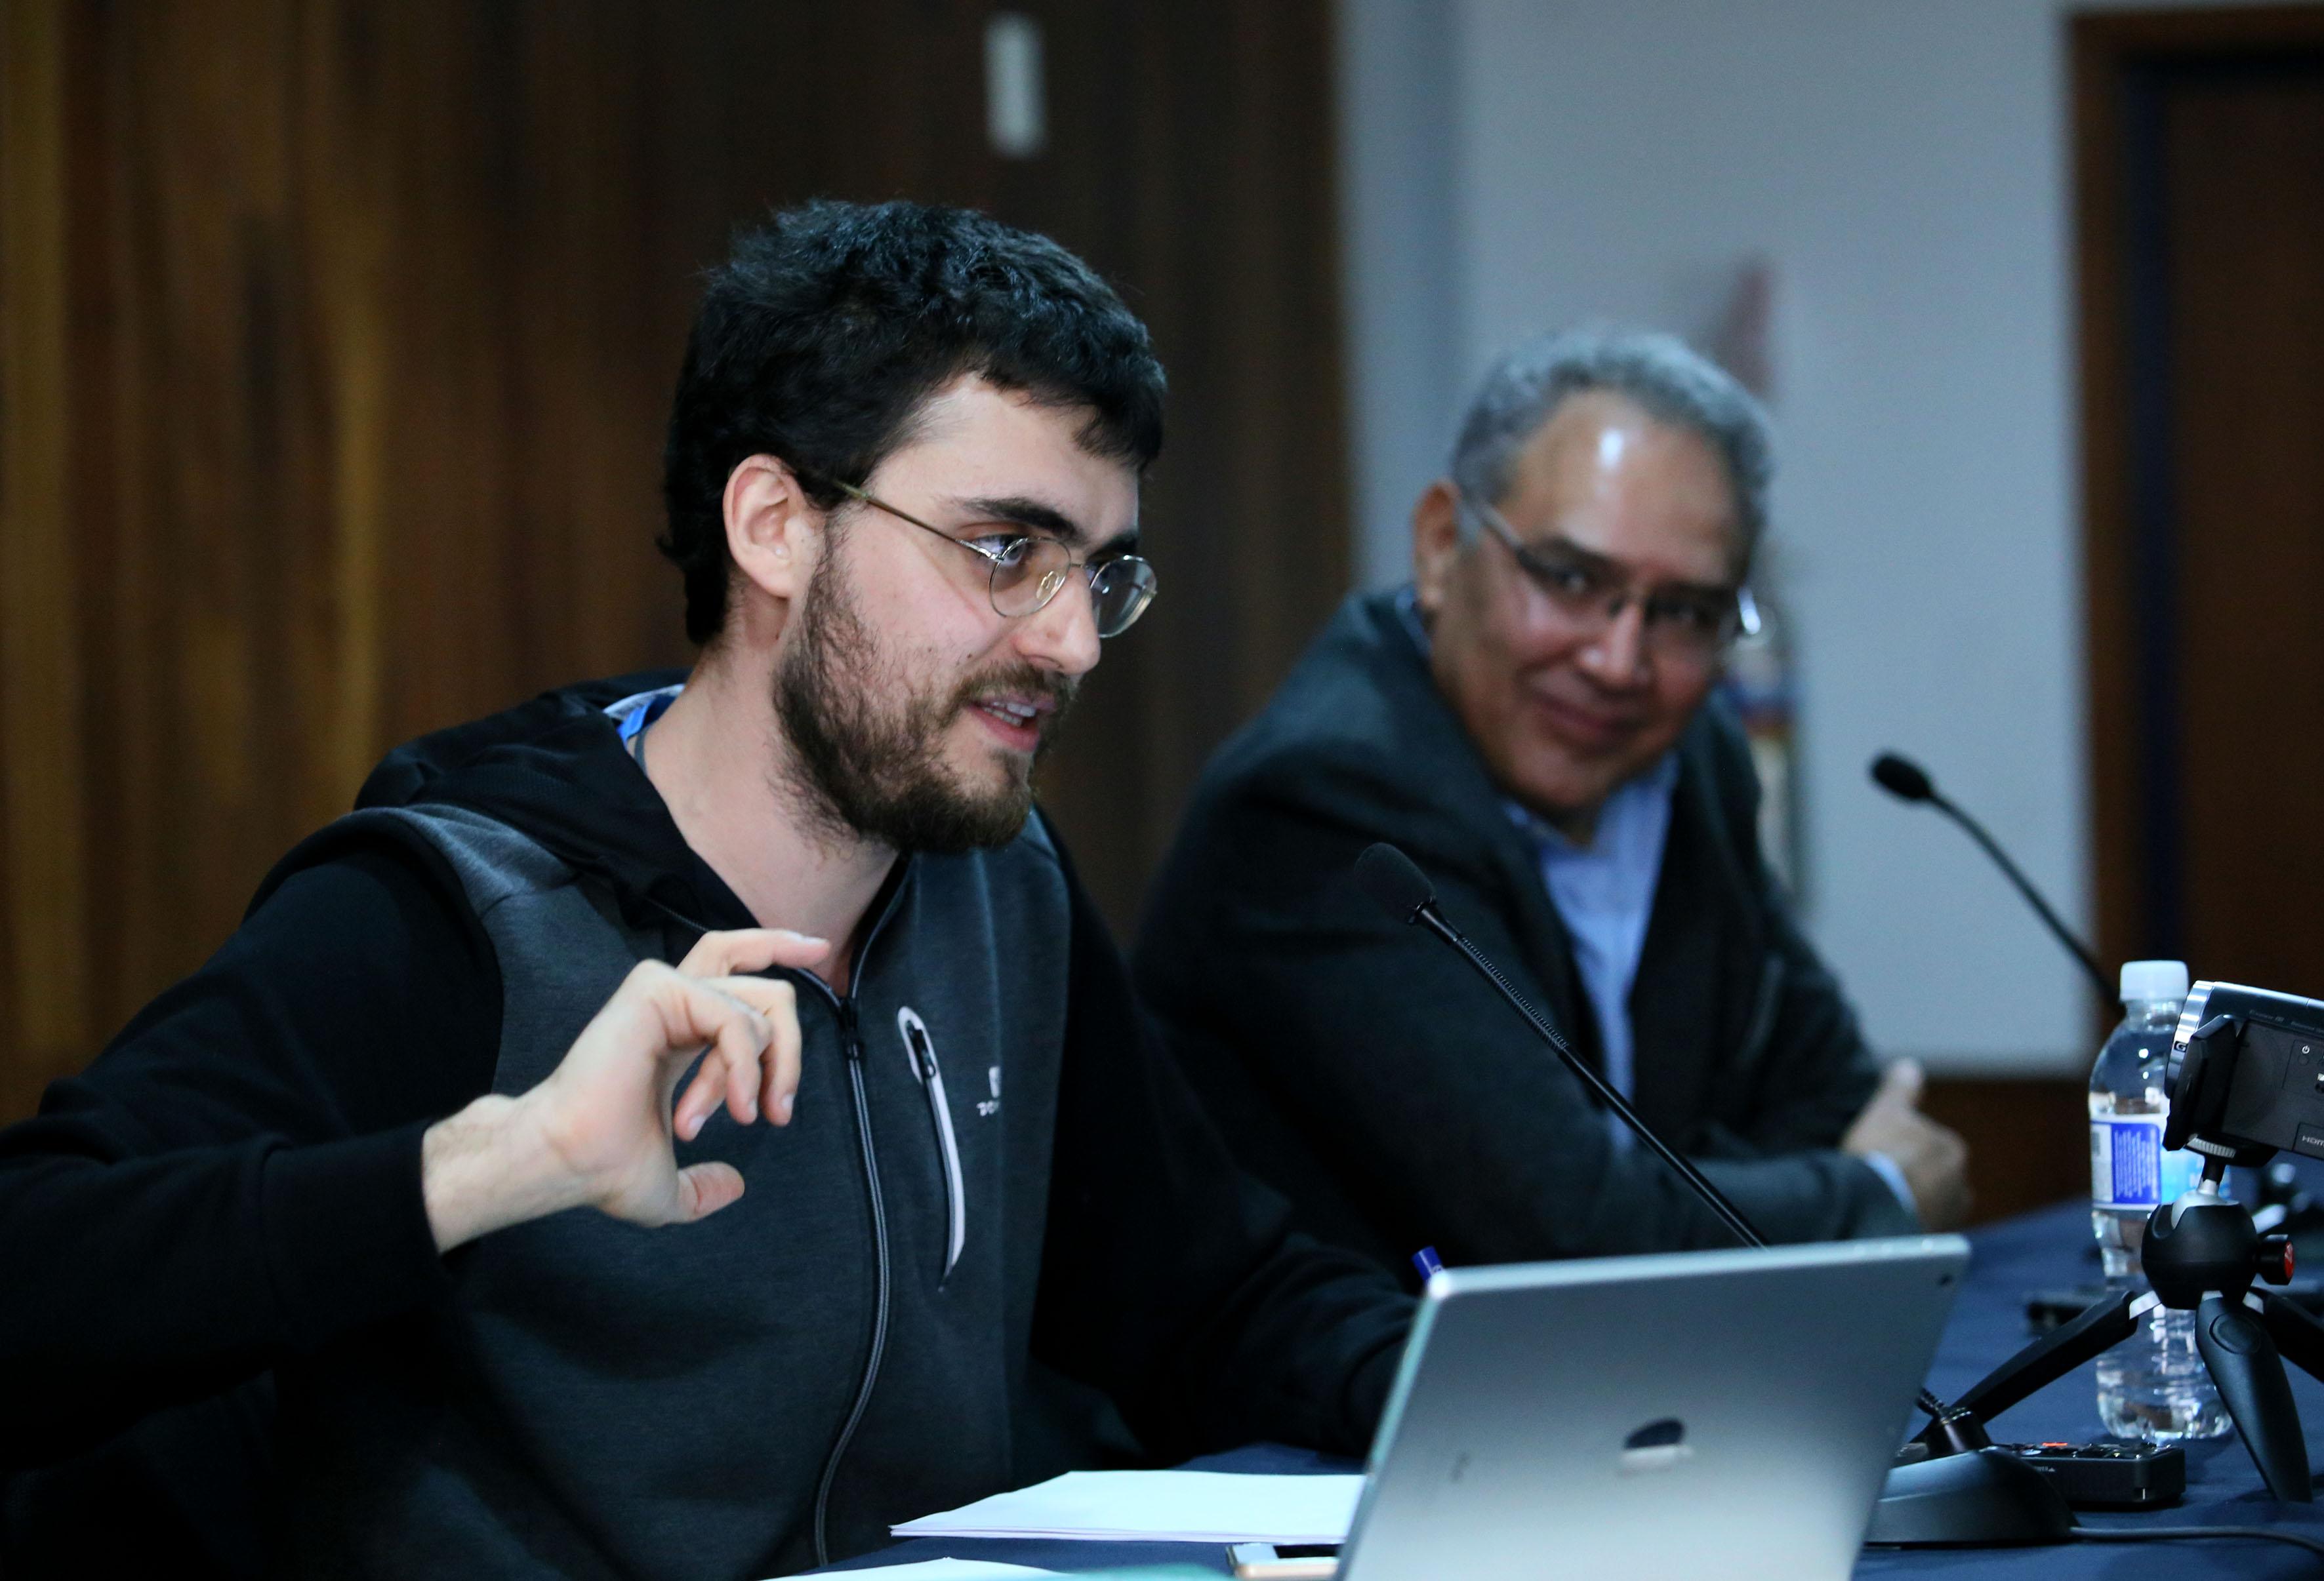 Maestro Ernesto Castro Córdoba, profesor investigador de la Universidad Complutense de Madrid, frente al micrófono, haciendo uso de la voz.